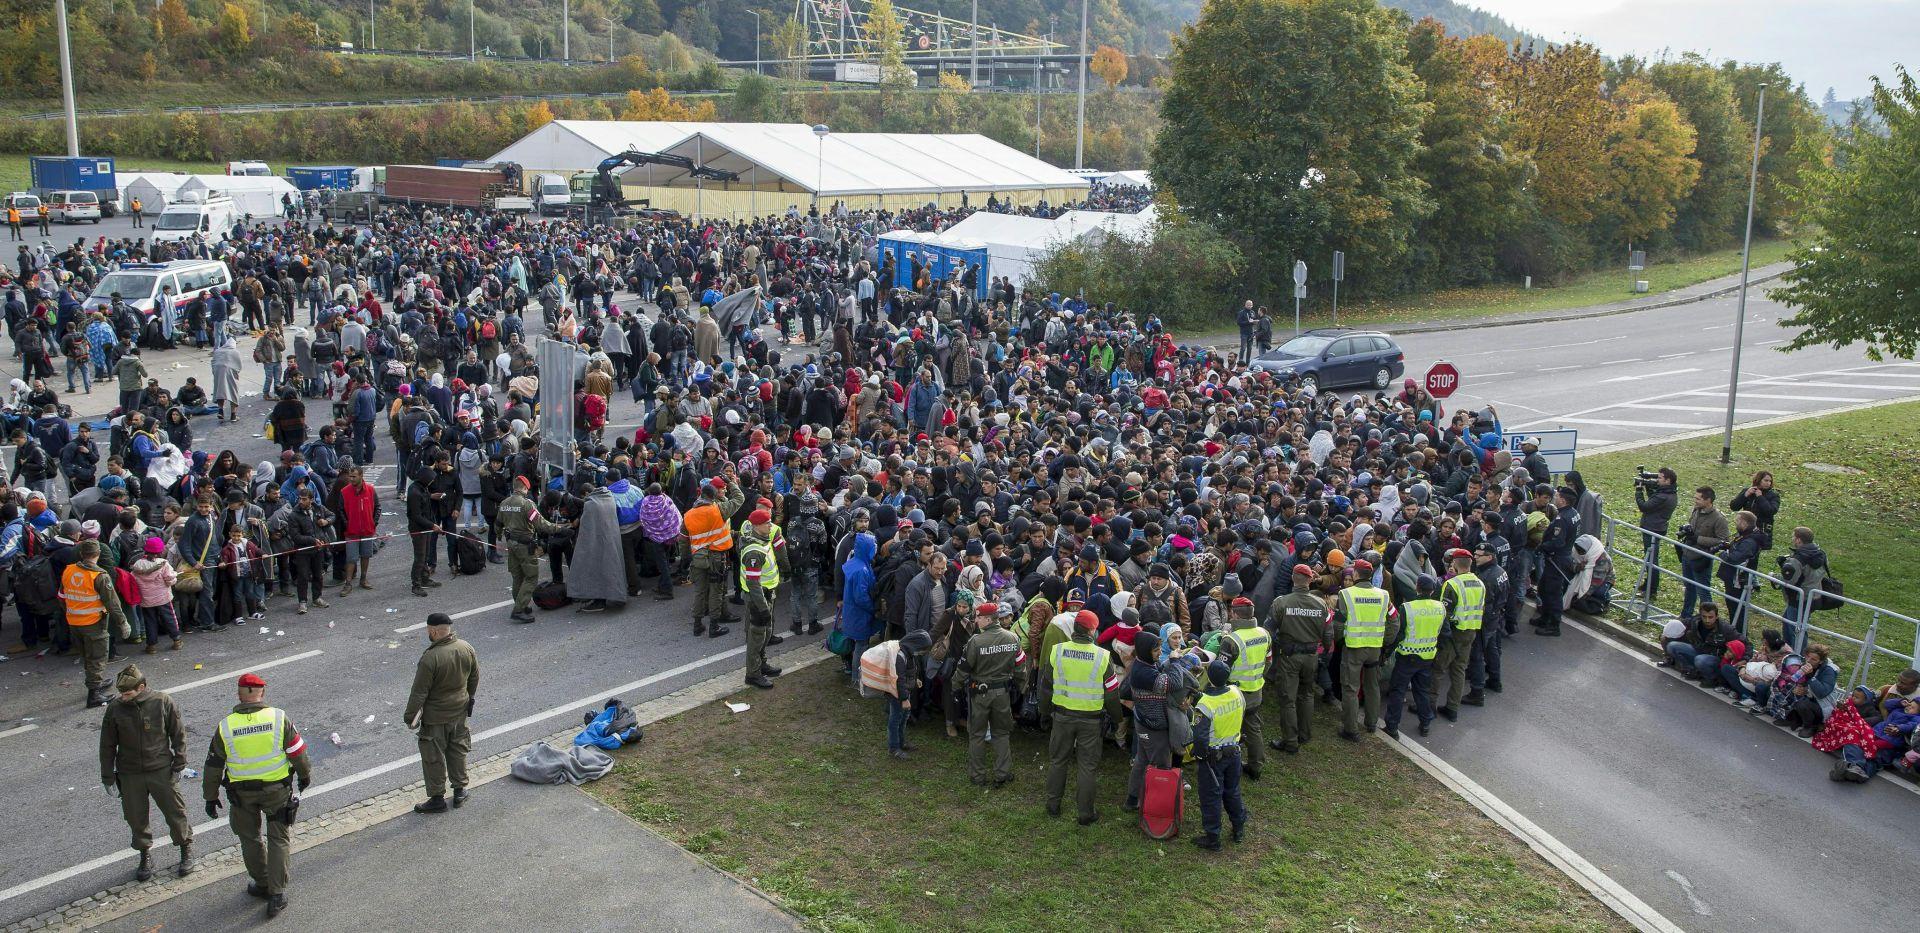 FRONTEX Od početka godine 800.000 ilegalnih ulazaka u Europsku uniju